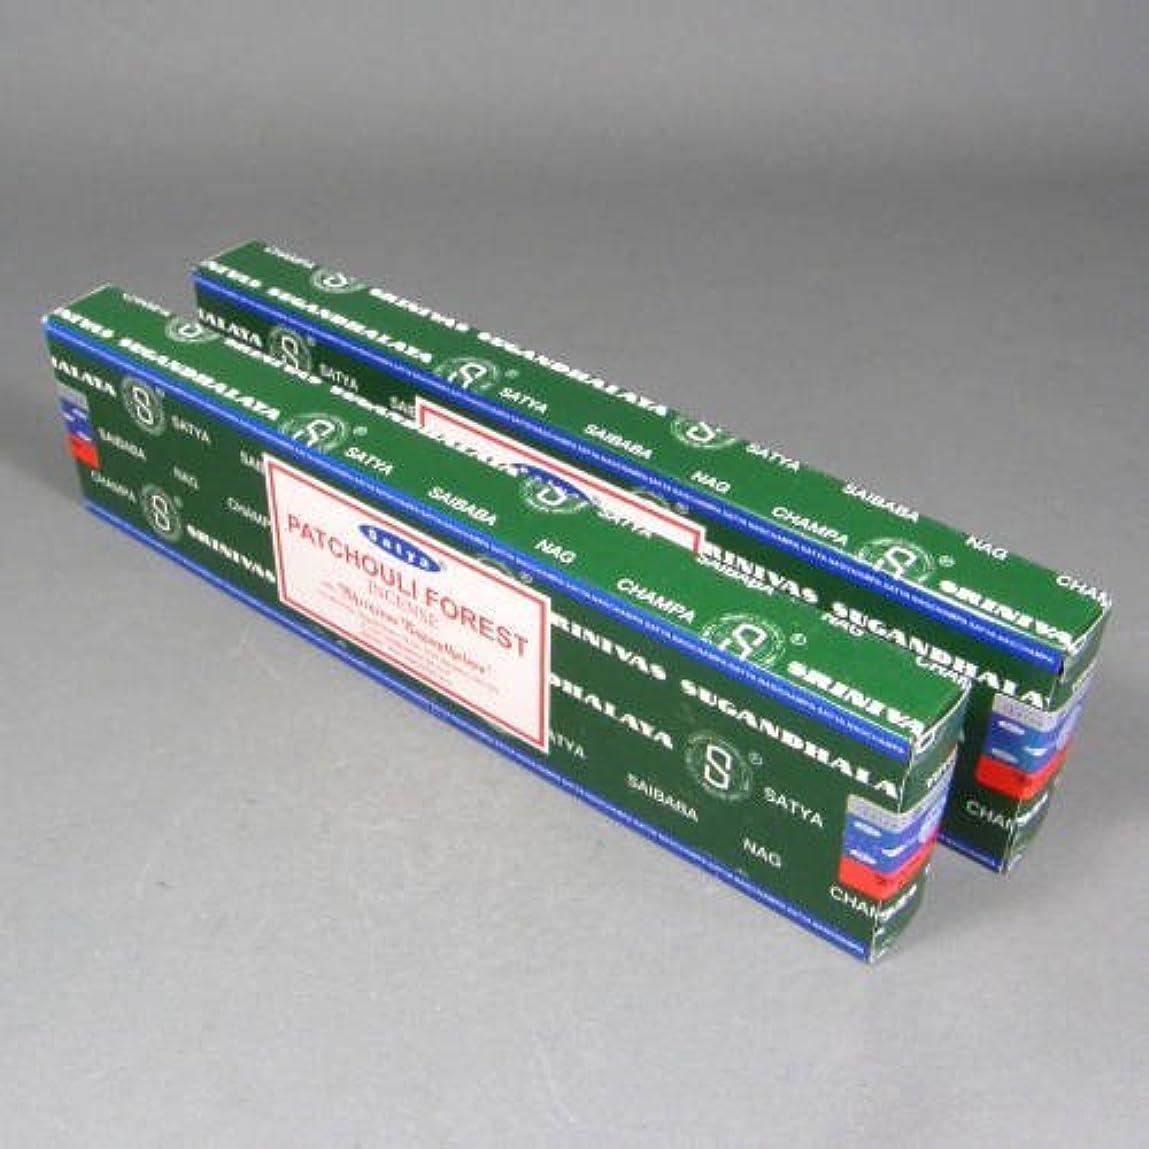 リスナーツインアドバイスSatya Patchouliフォレスト香スティック、2 x 40グラムボックス、80グラム、合計( in212 )